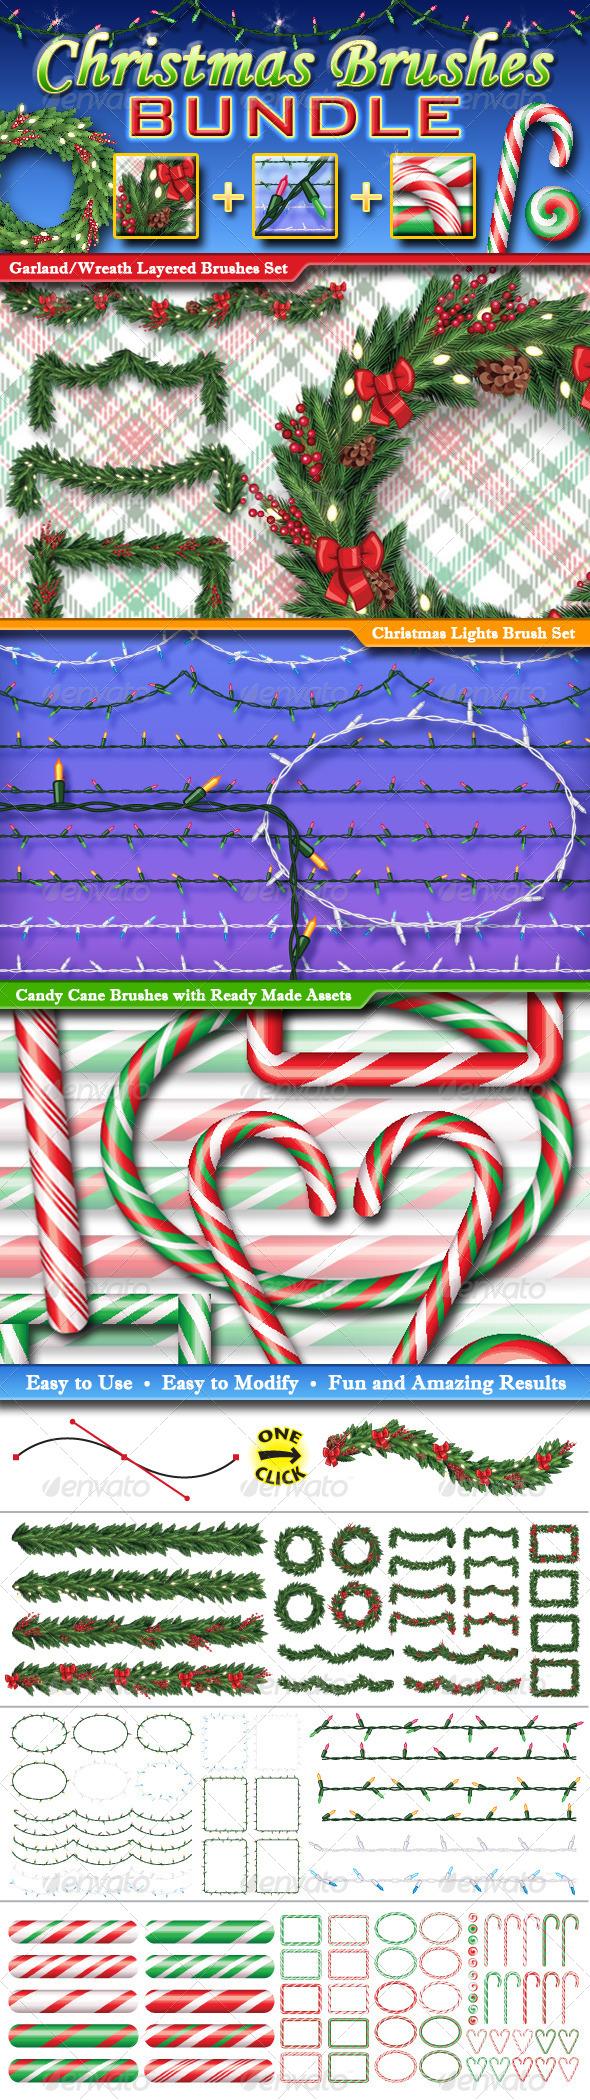 ChristmasBrushesBundlePreviewWM